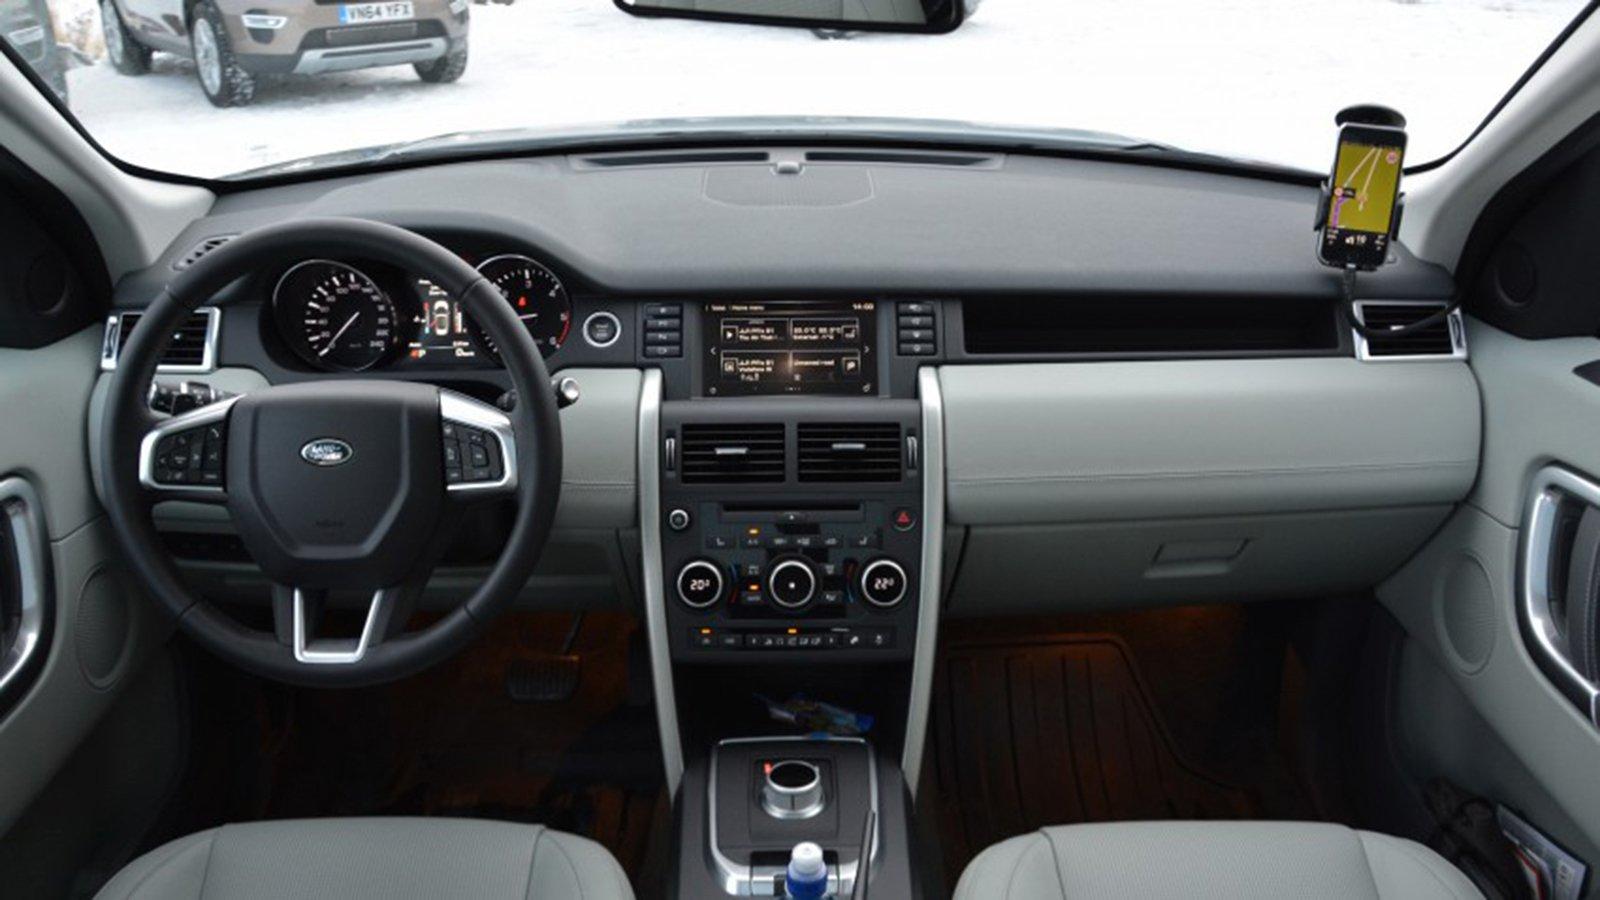 Land Rover Discovery Sport S 2020 và đời cũ khác nhau ở những điểm gì? a6